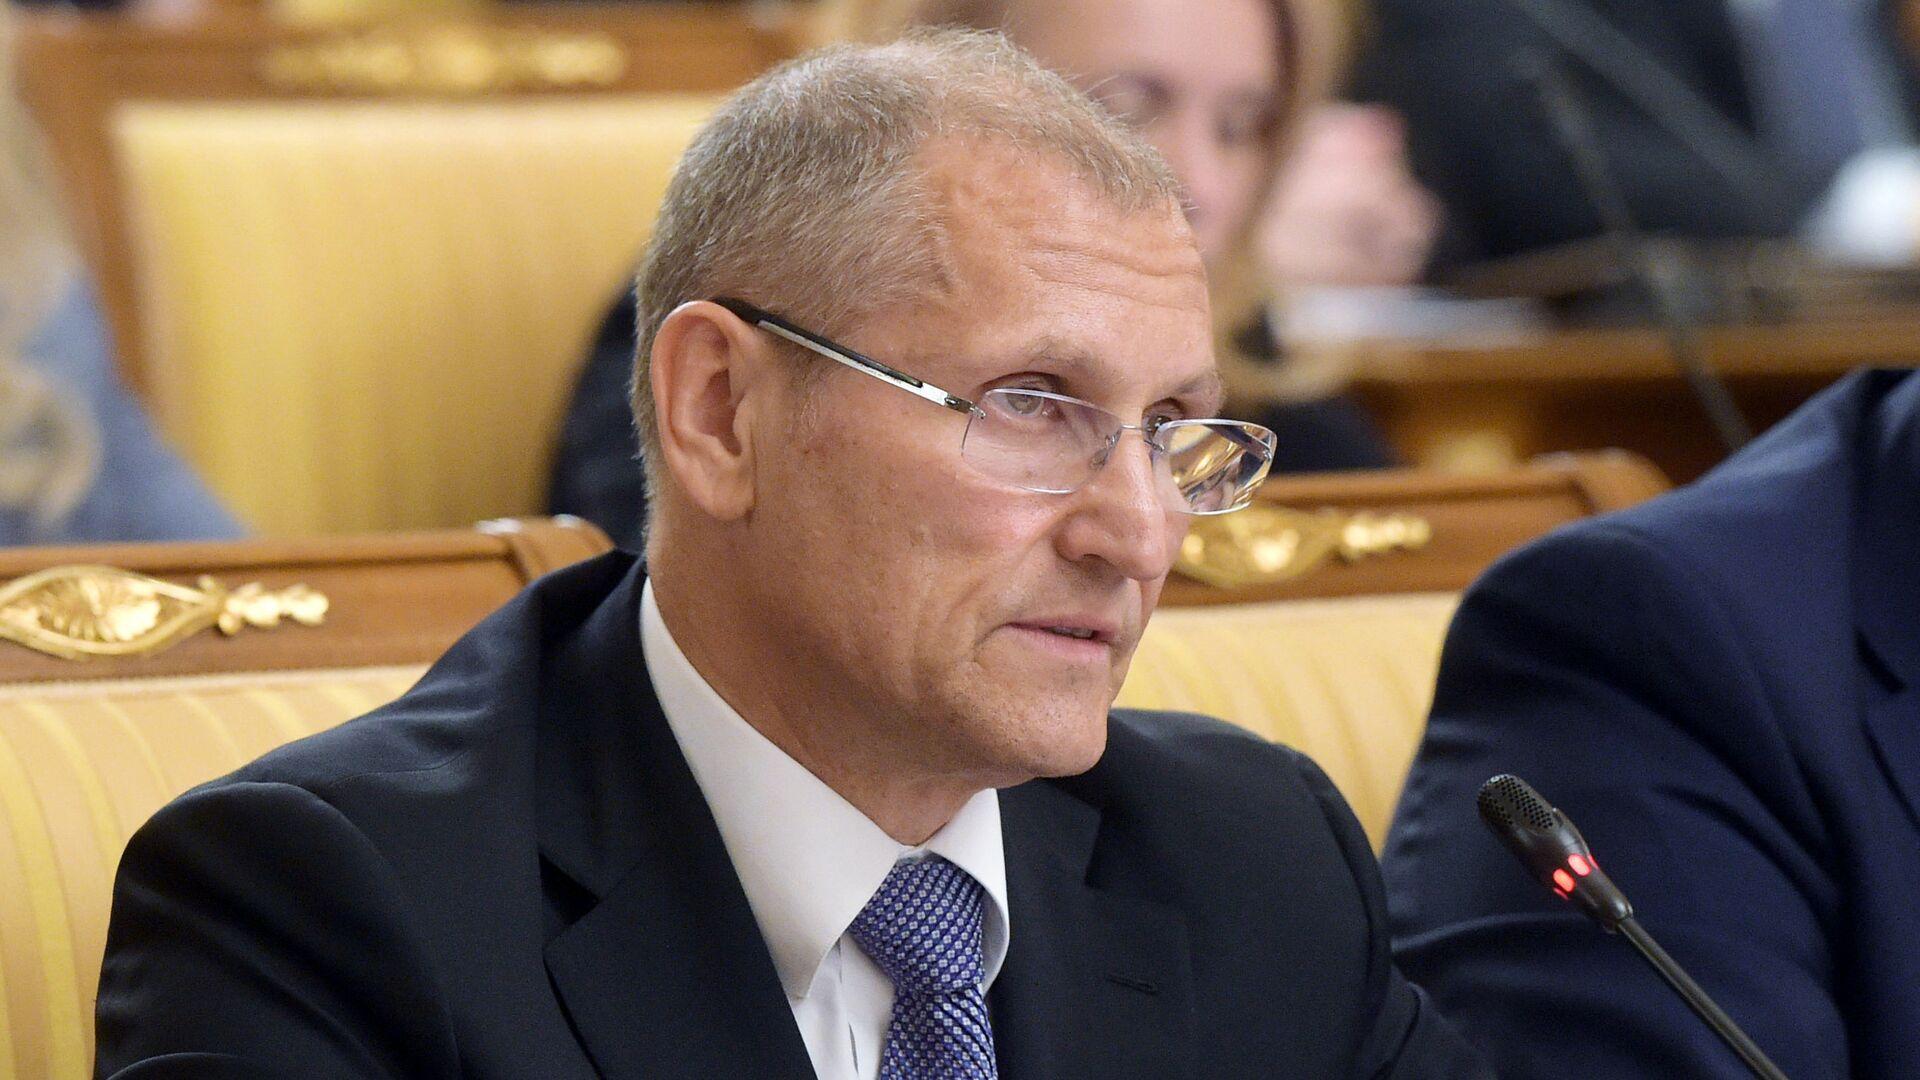 Вице-губернатор Петербурга Елин подал заявление об отставке